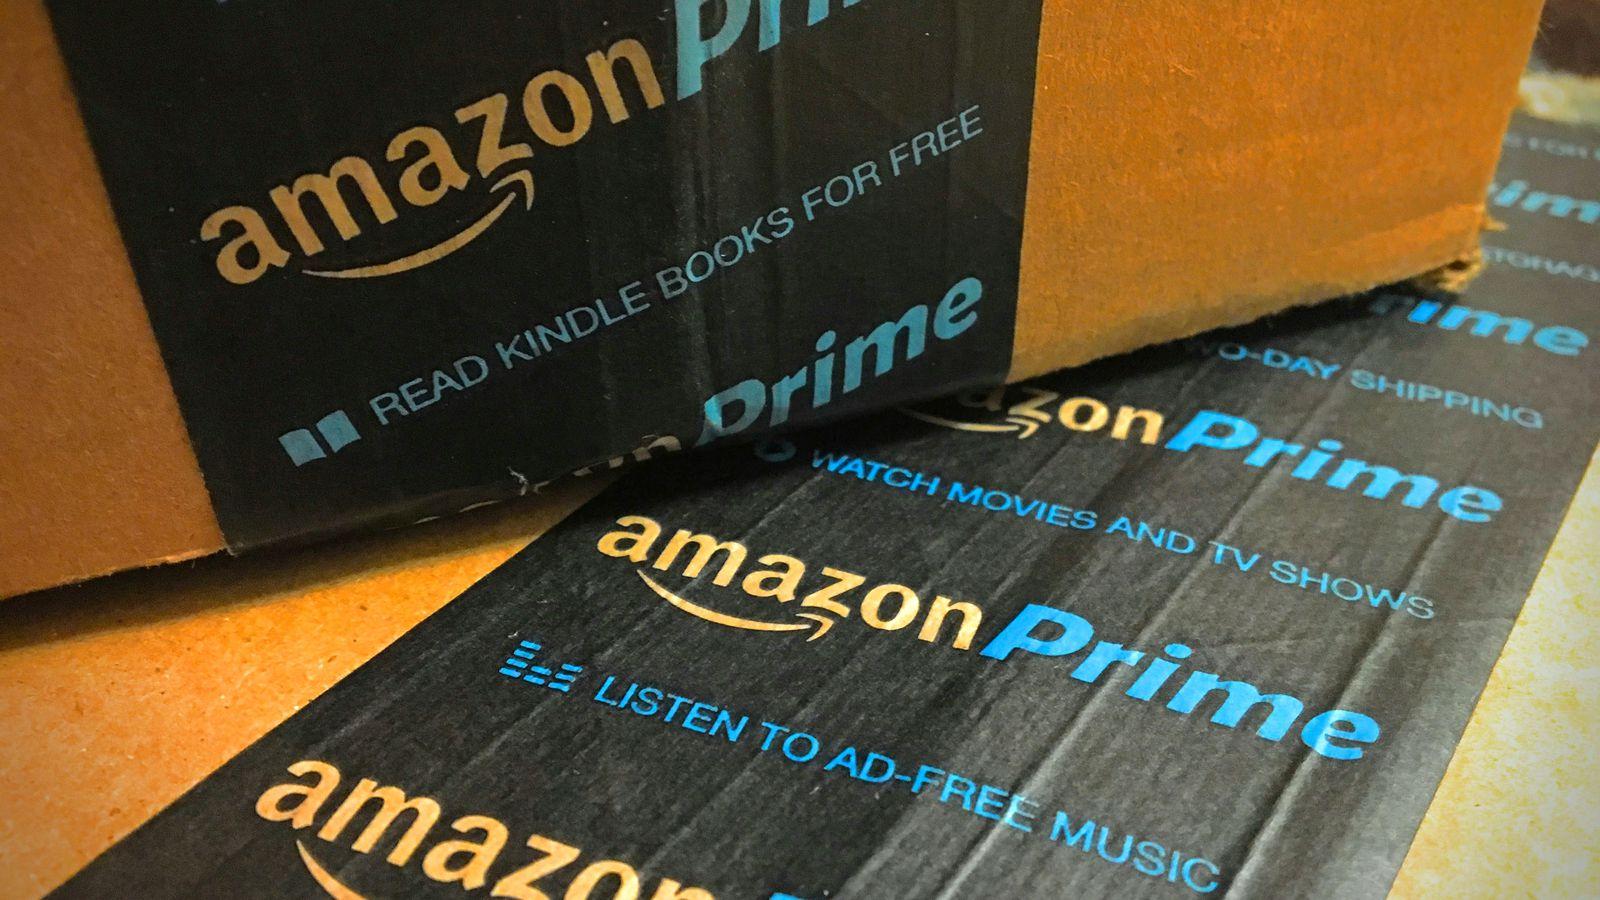 La gigante de ventas online entregará los alimentos ofrecidos por el mercado de La Paz a través de un servicio express